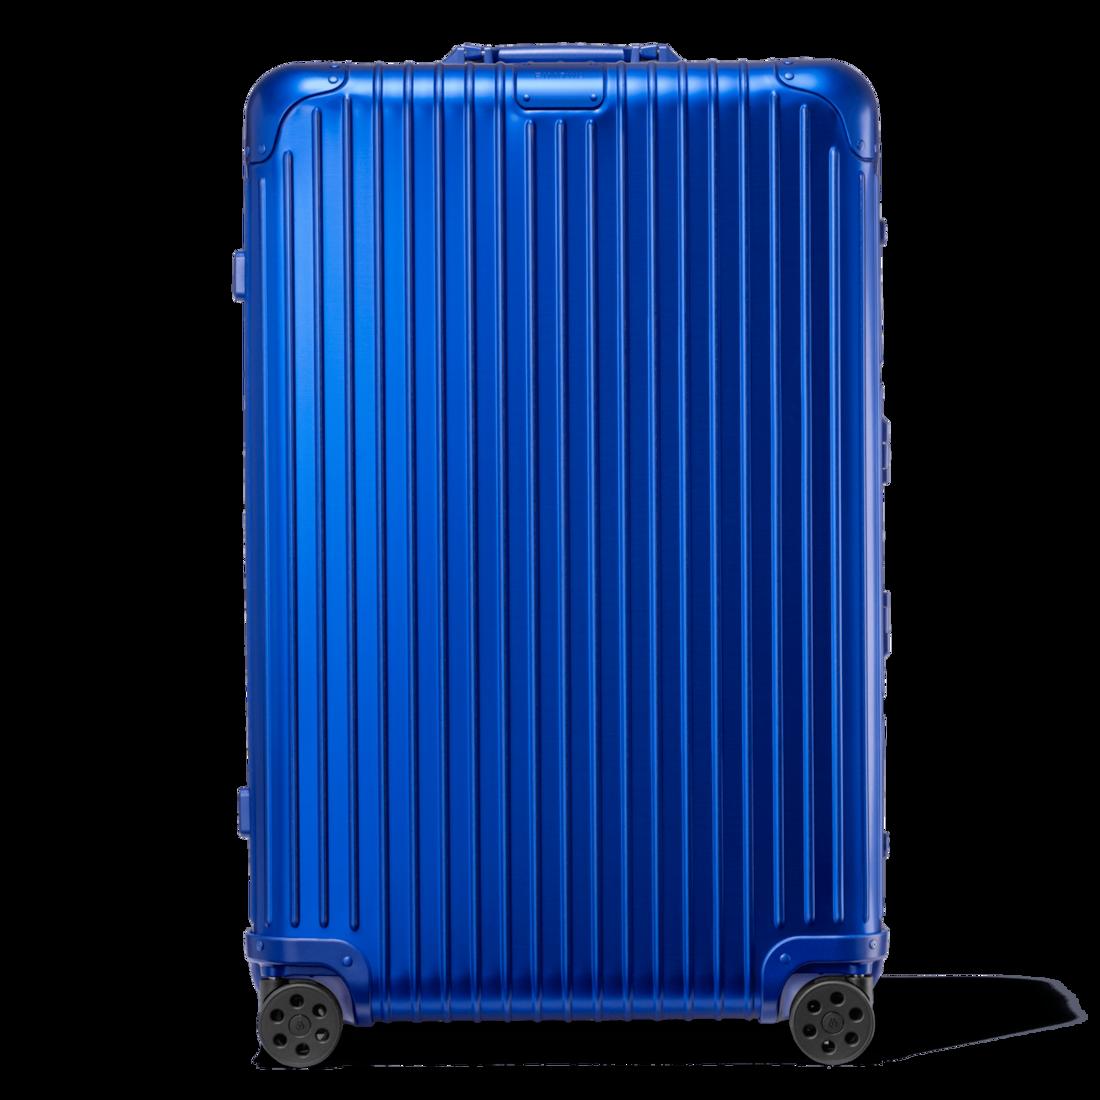 おしゃれなアルミ製スーツケース リモワ Check-In L